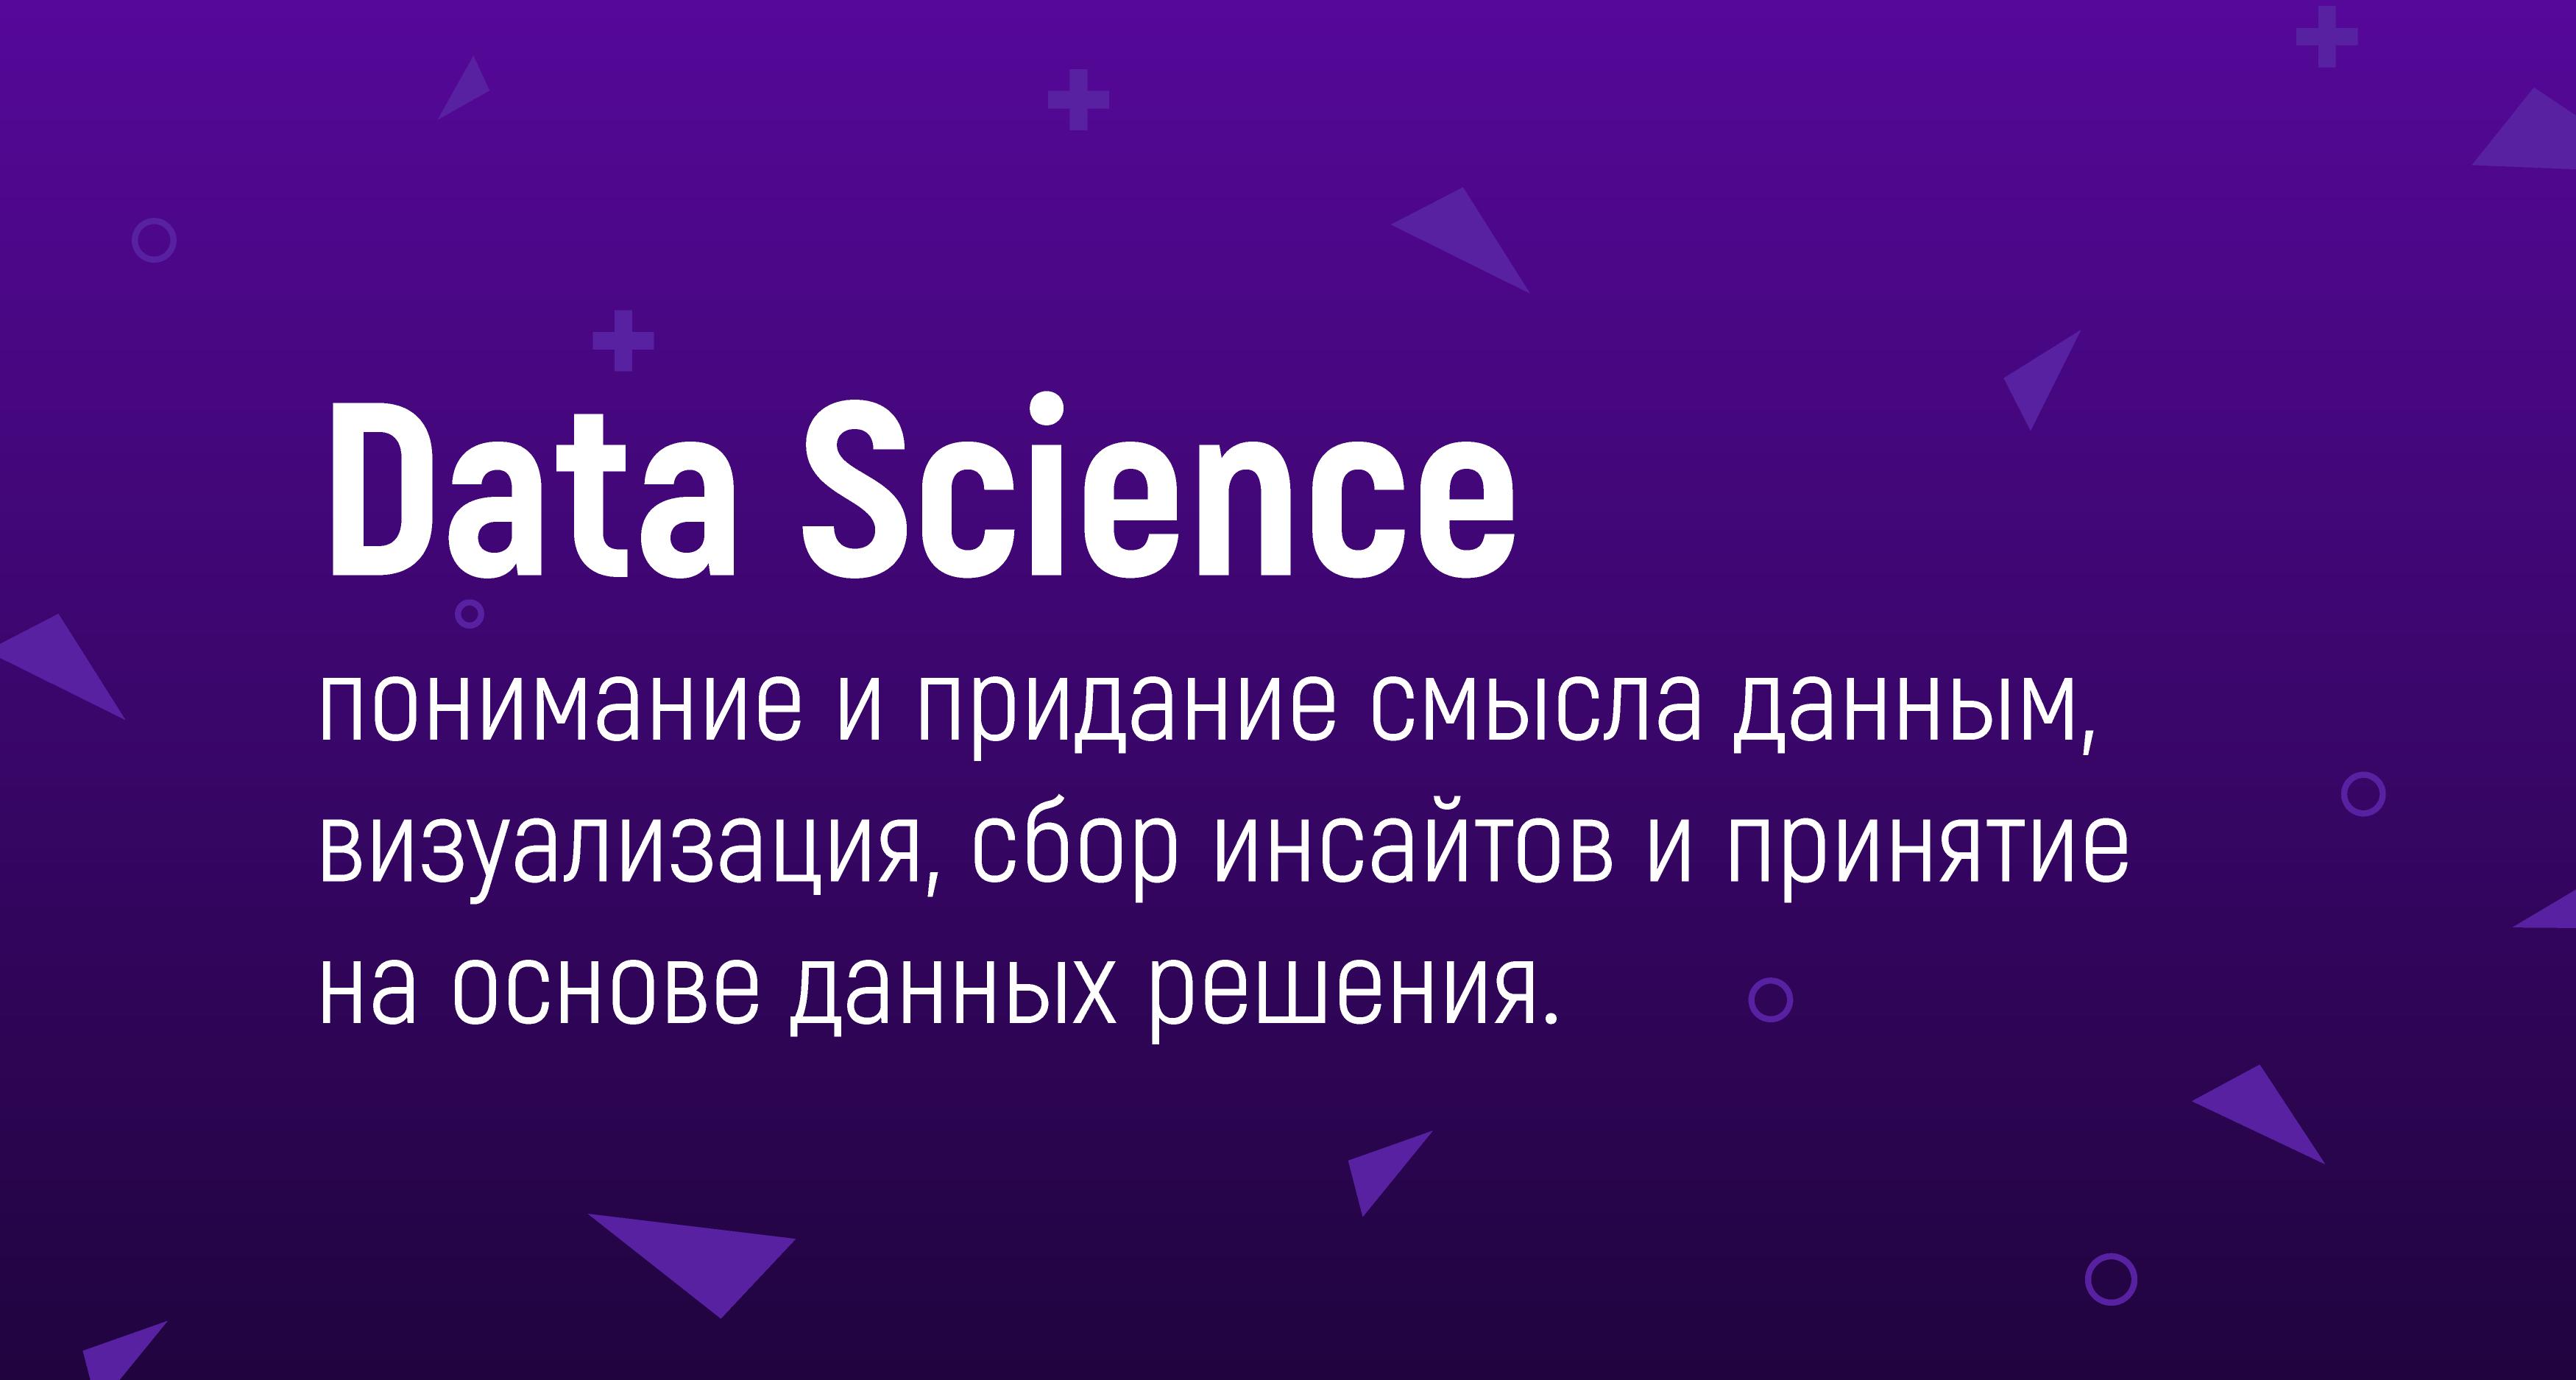 Зачем менеджеру Data Science 1